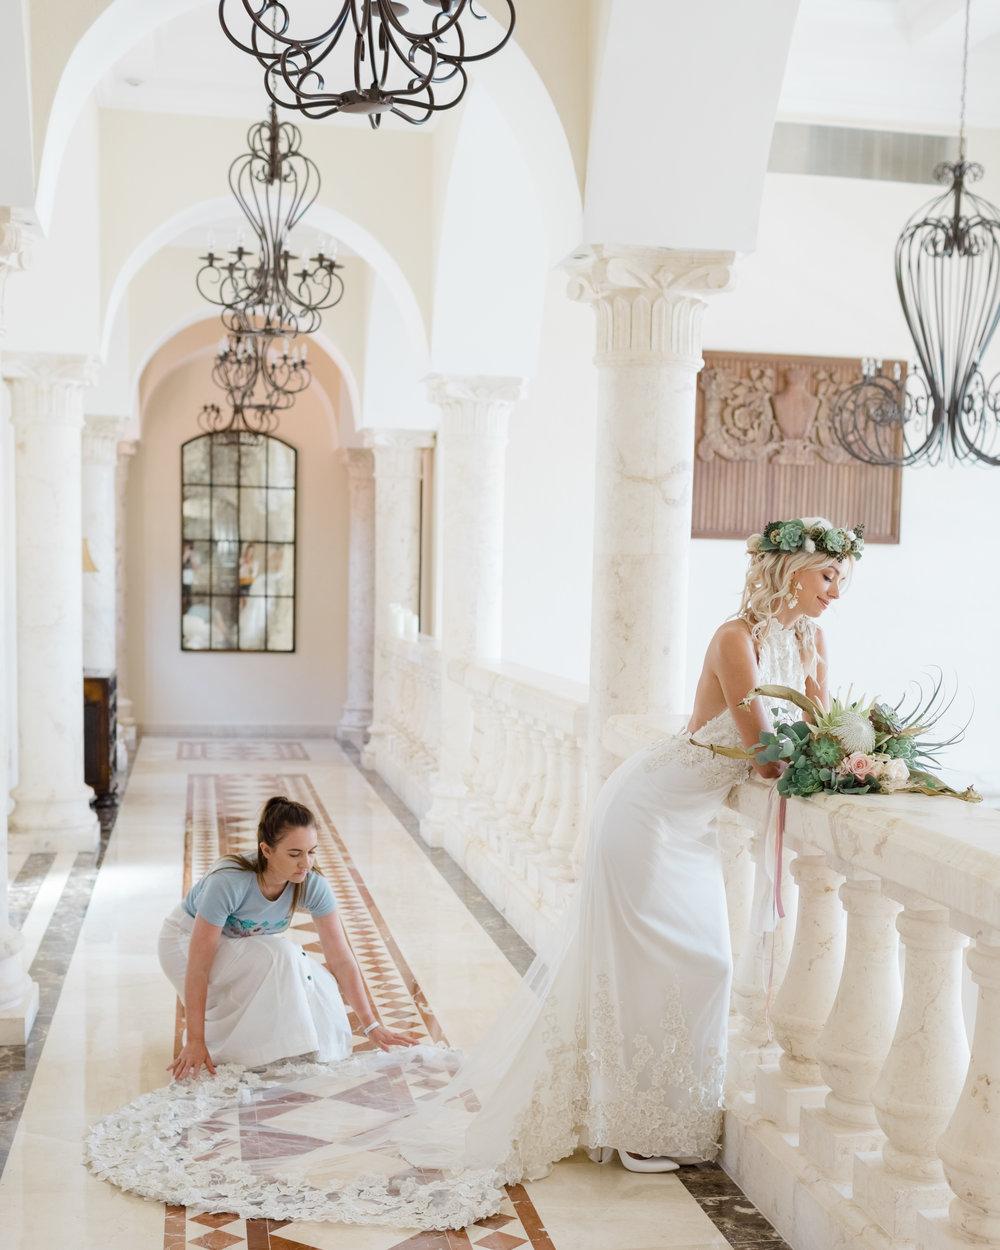 mexico-destination-wedding-venue-9.jpg